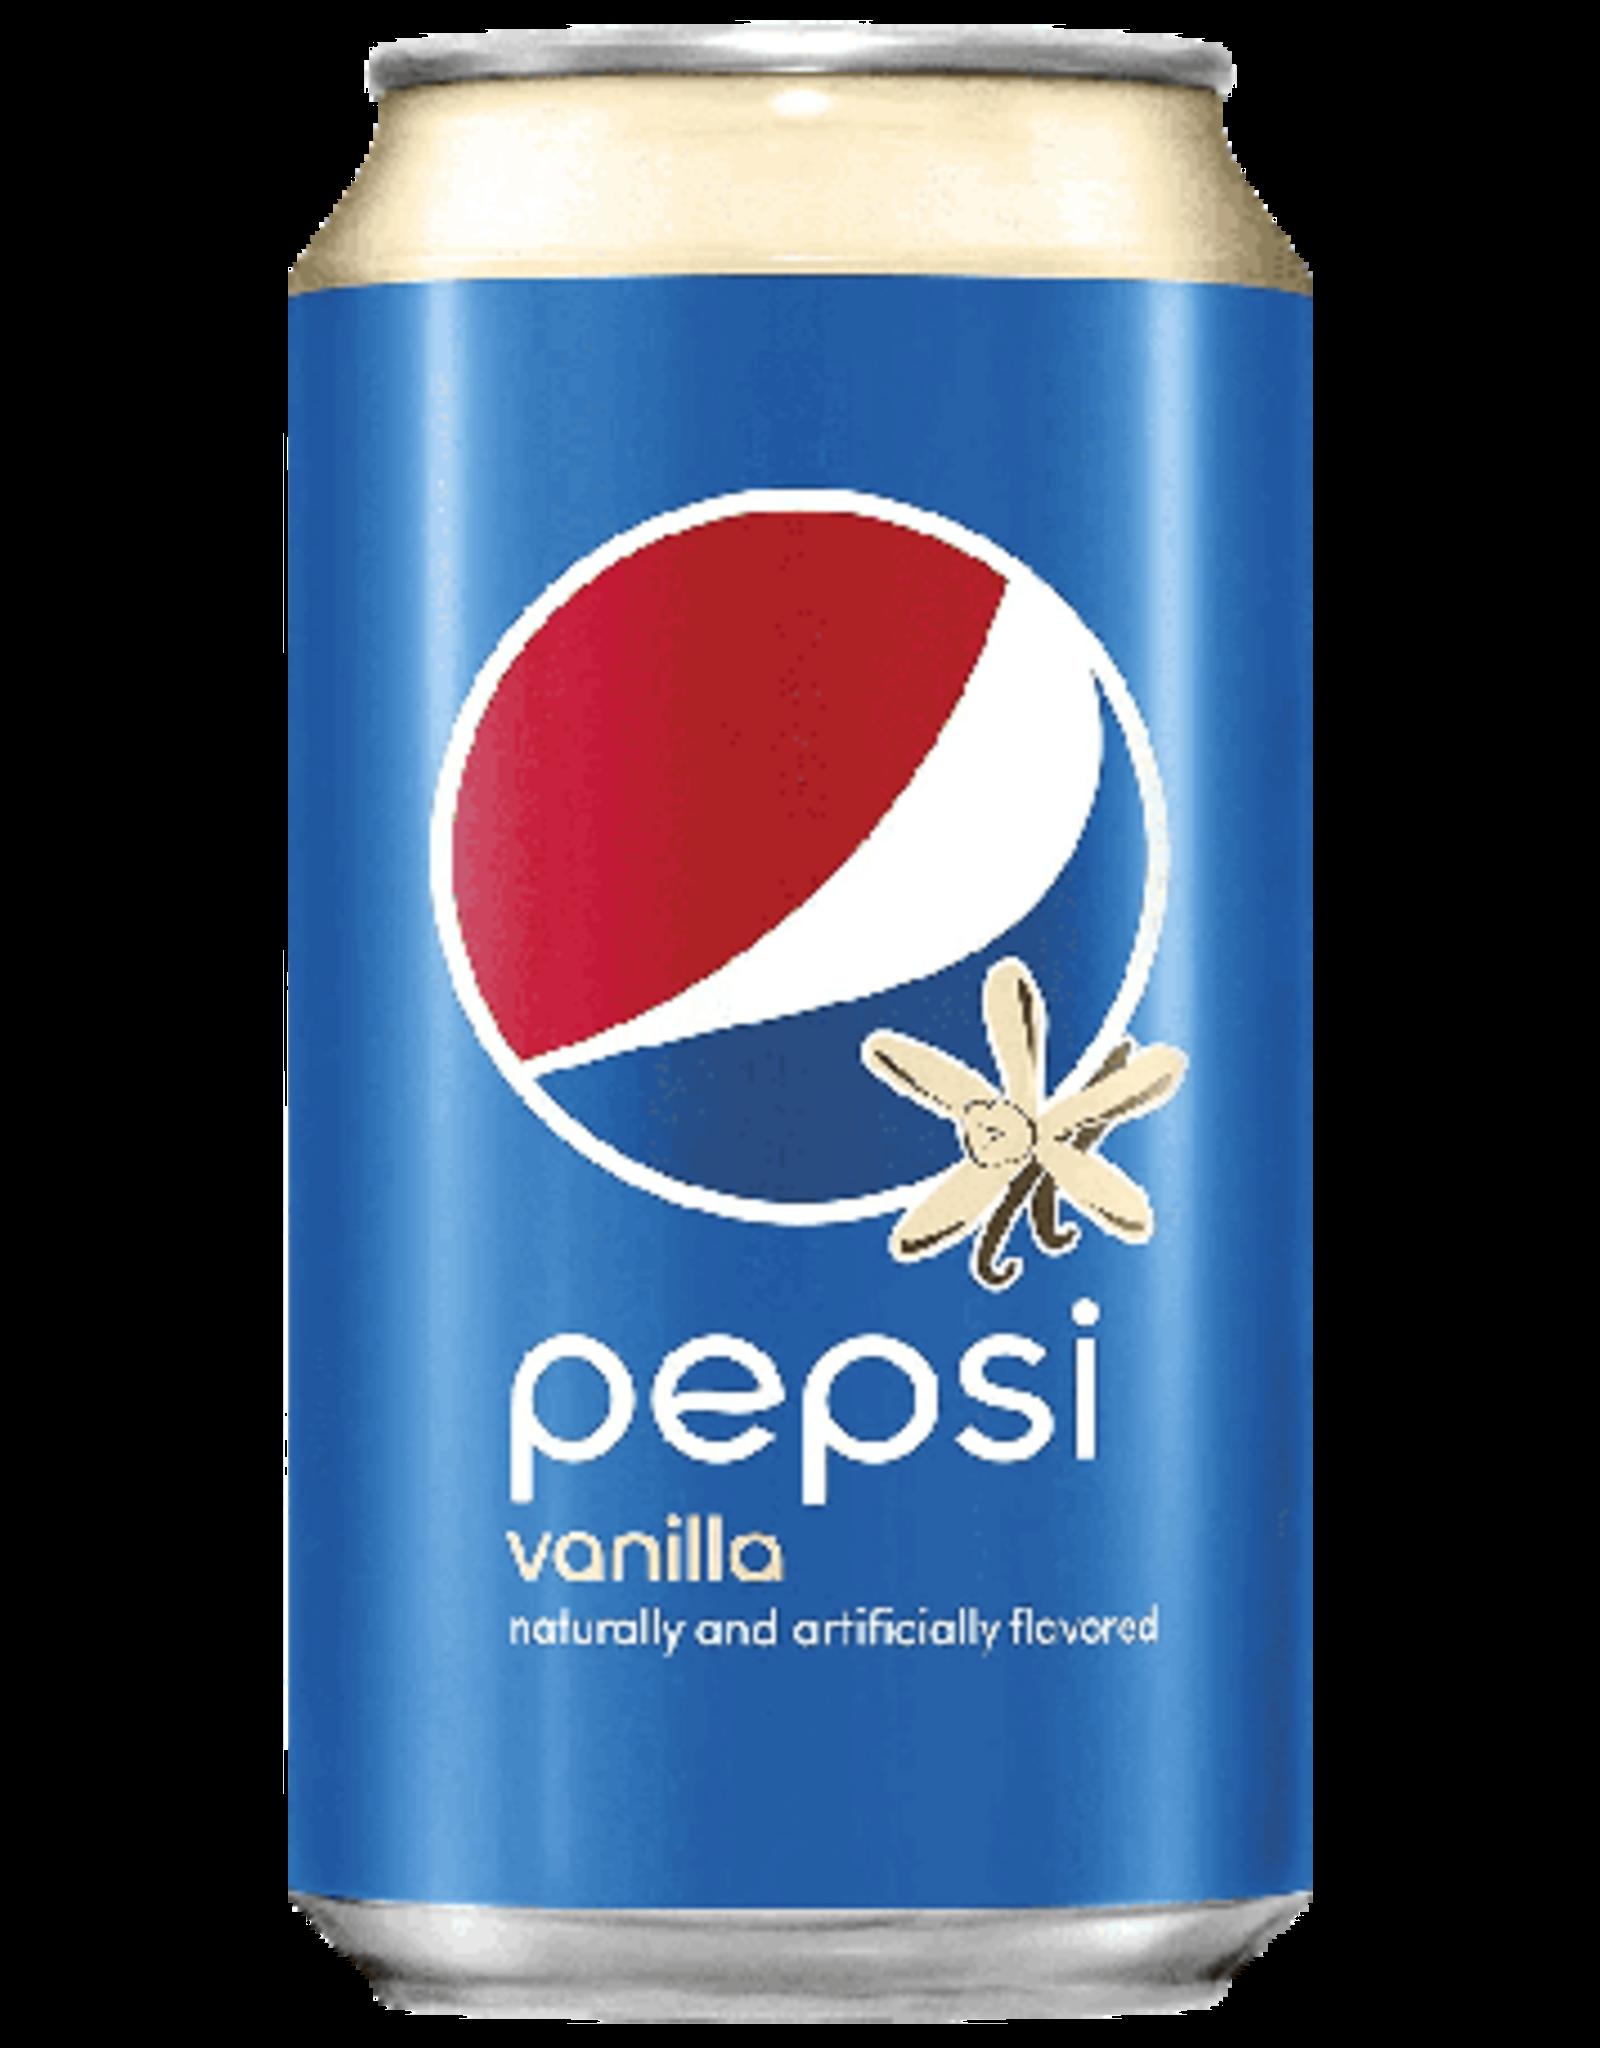 stockupmarket Pepsi Vanilla